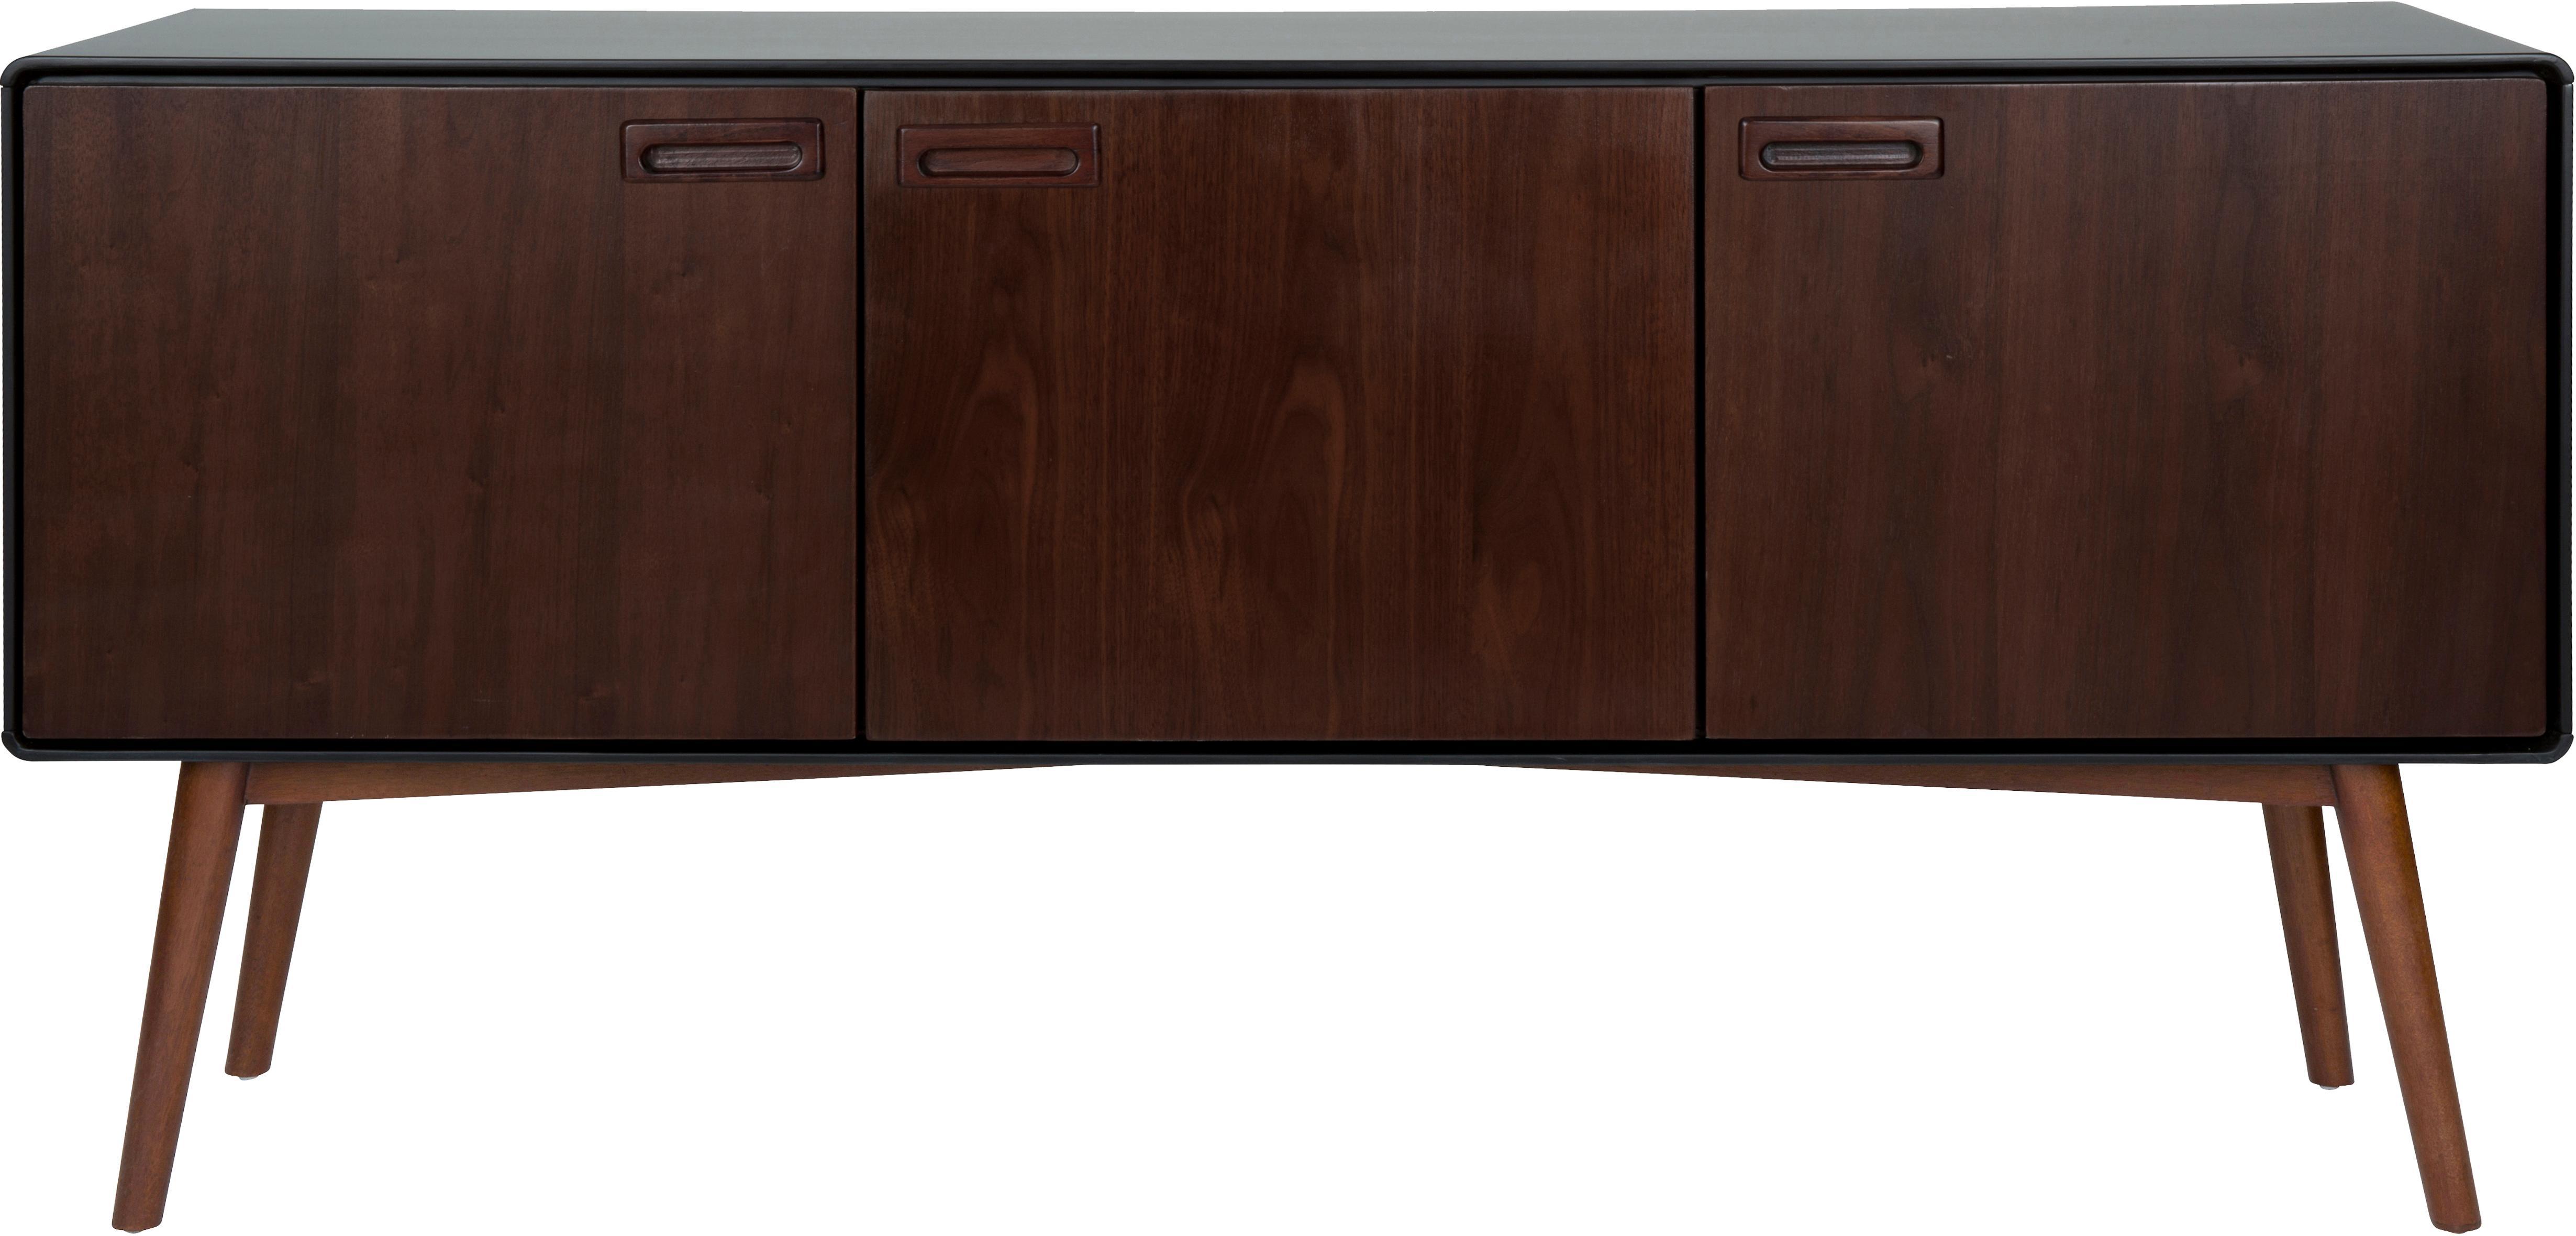 Retro dressoir Juju met walnoothoutfineer, Poten: gebeitst massief essenhou, Bruin, zwart, 150 x 73 cm